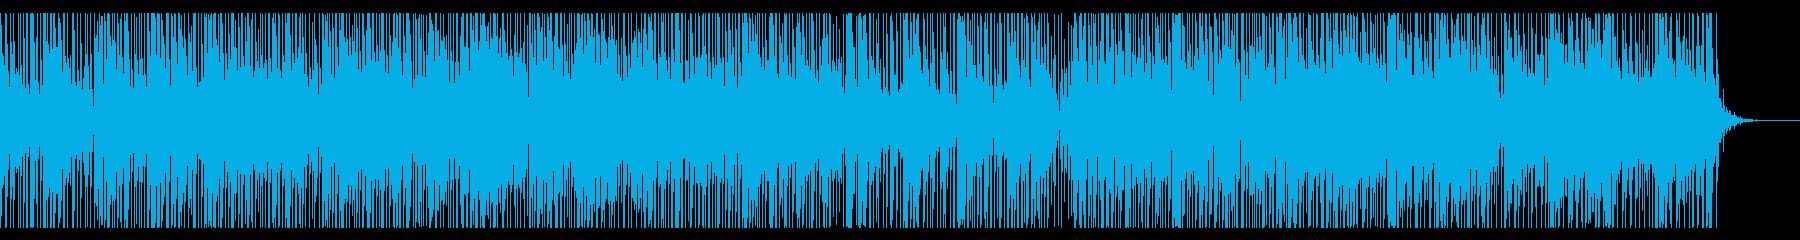 リズミカルで切ない雰囲気の曲の再生済みの波形